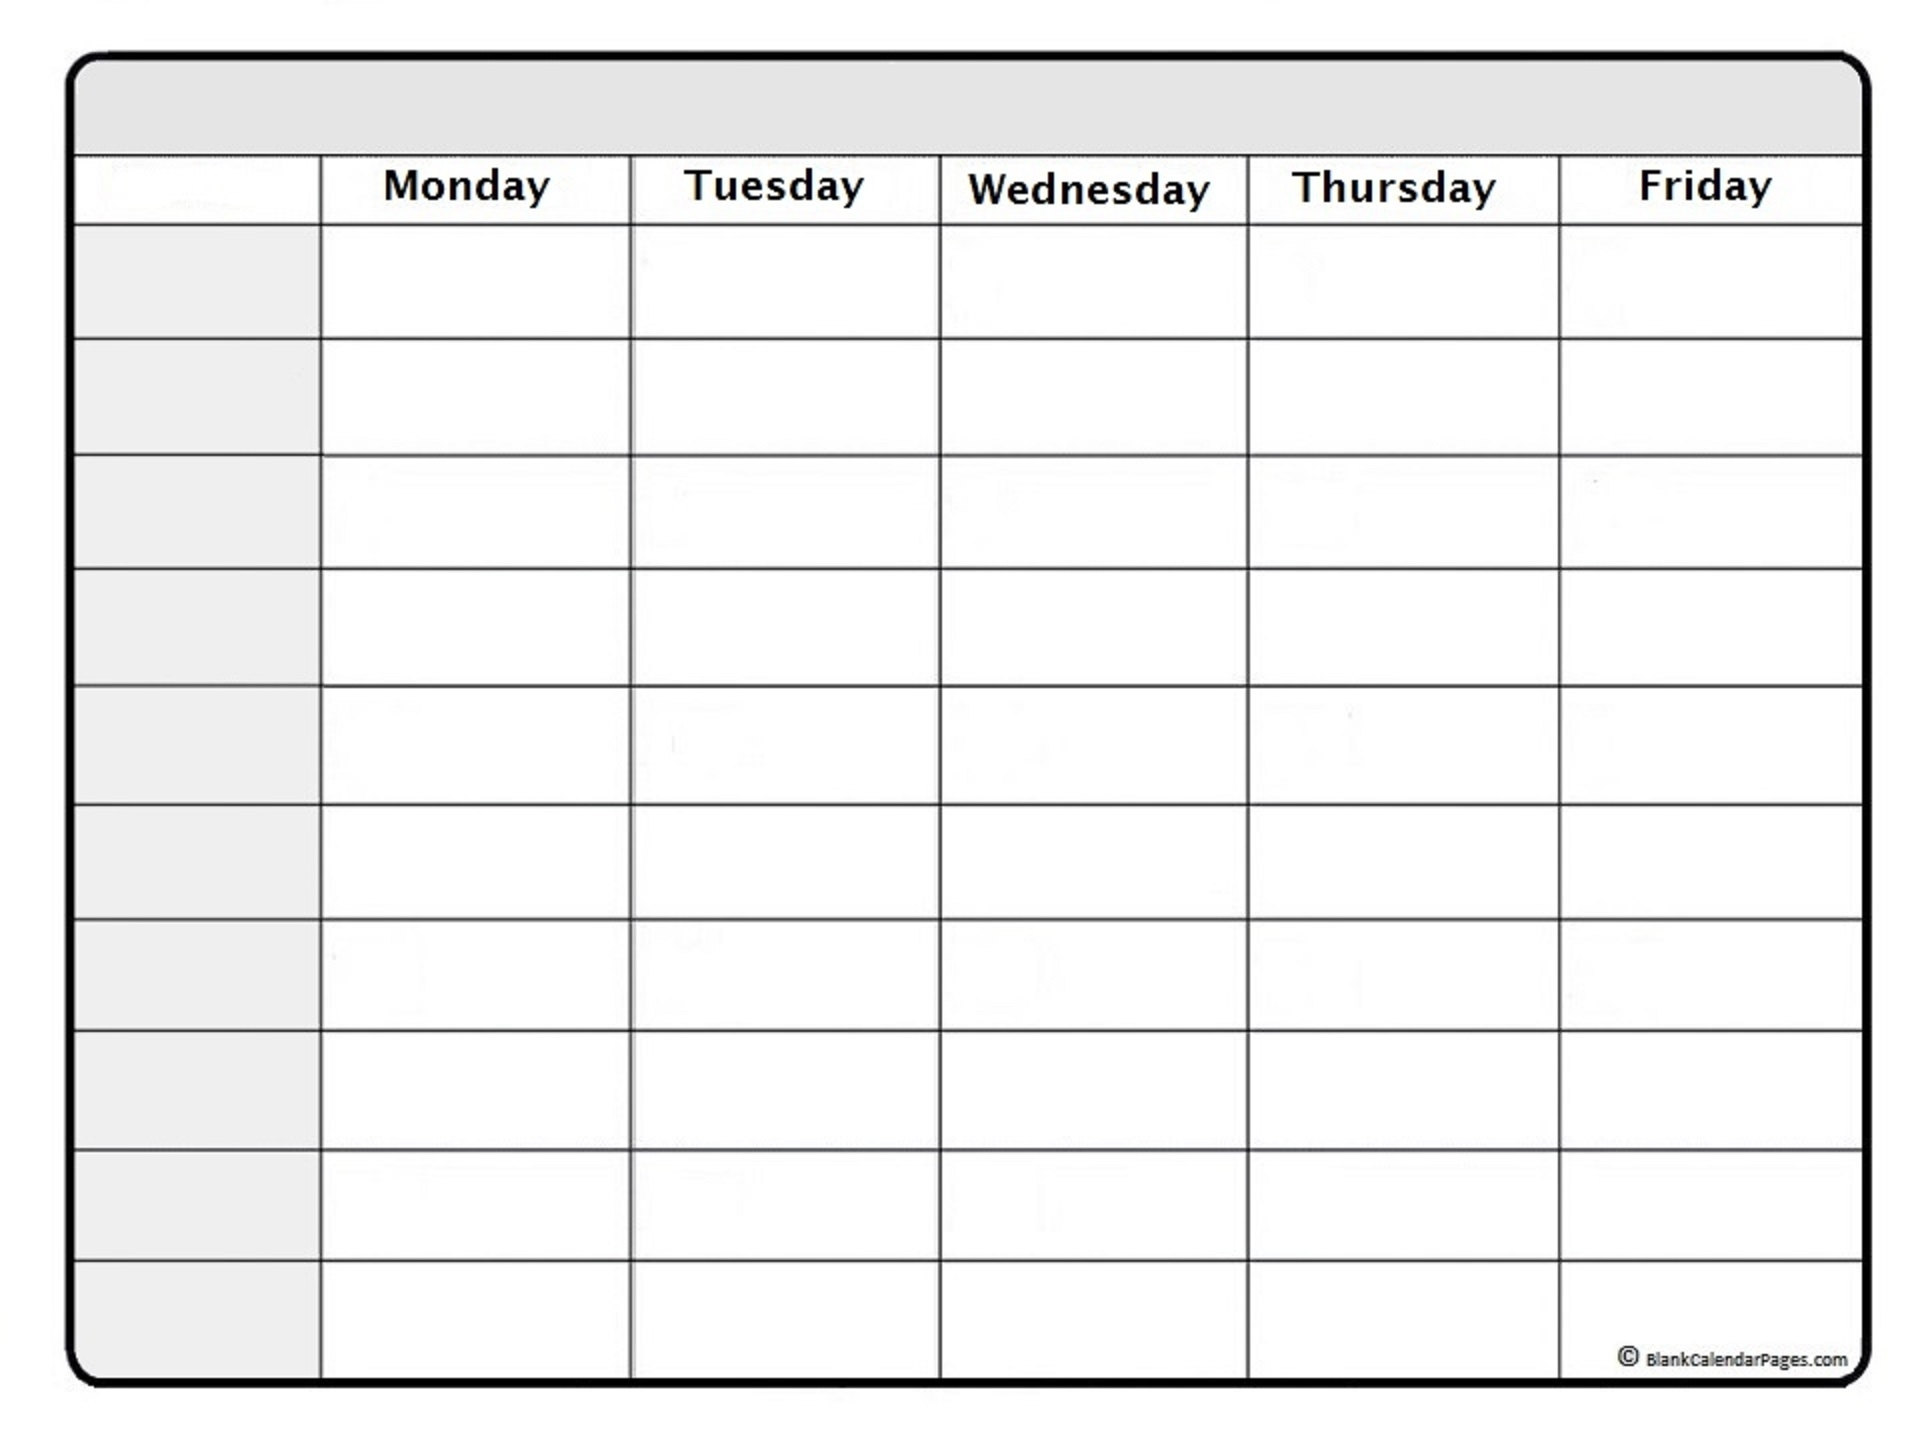 Pick Free Printable Weekly Calendar